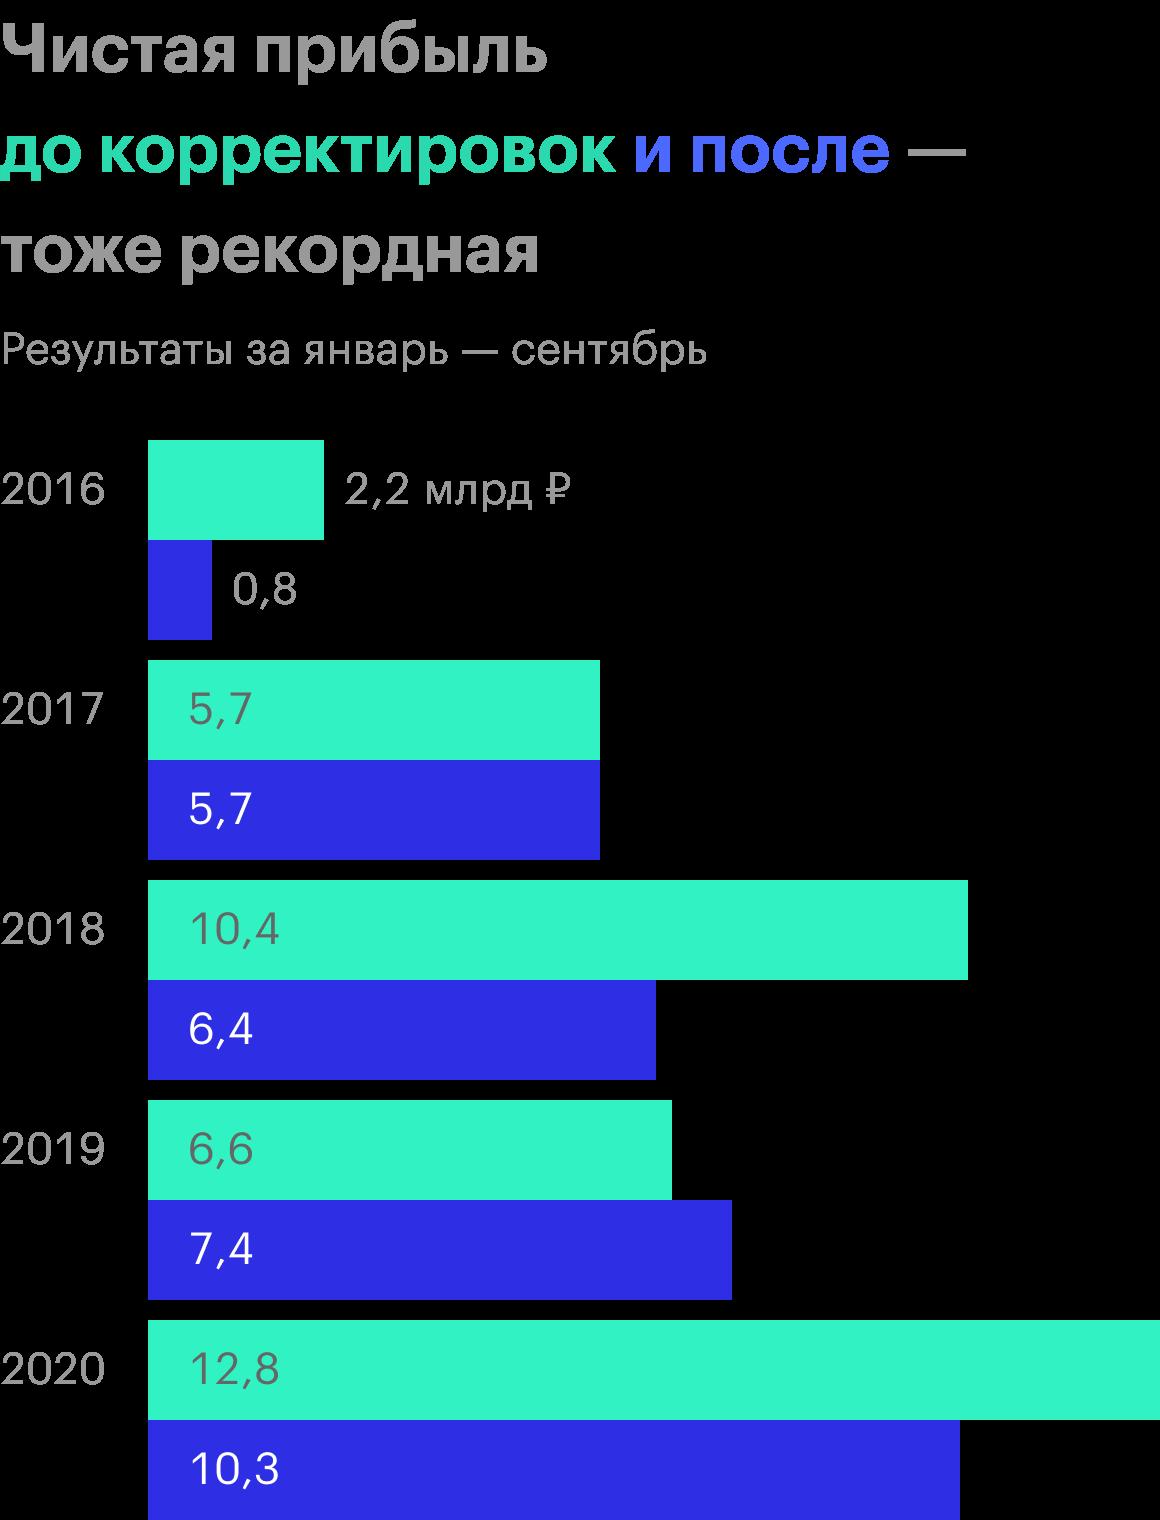 Источник: финансовая отчетность «Черкизово»